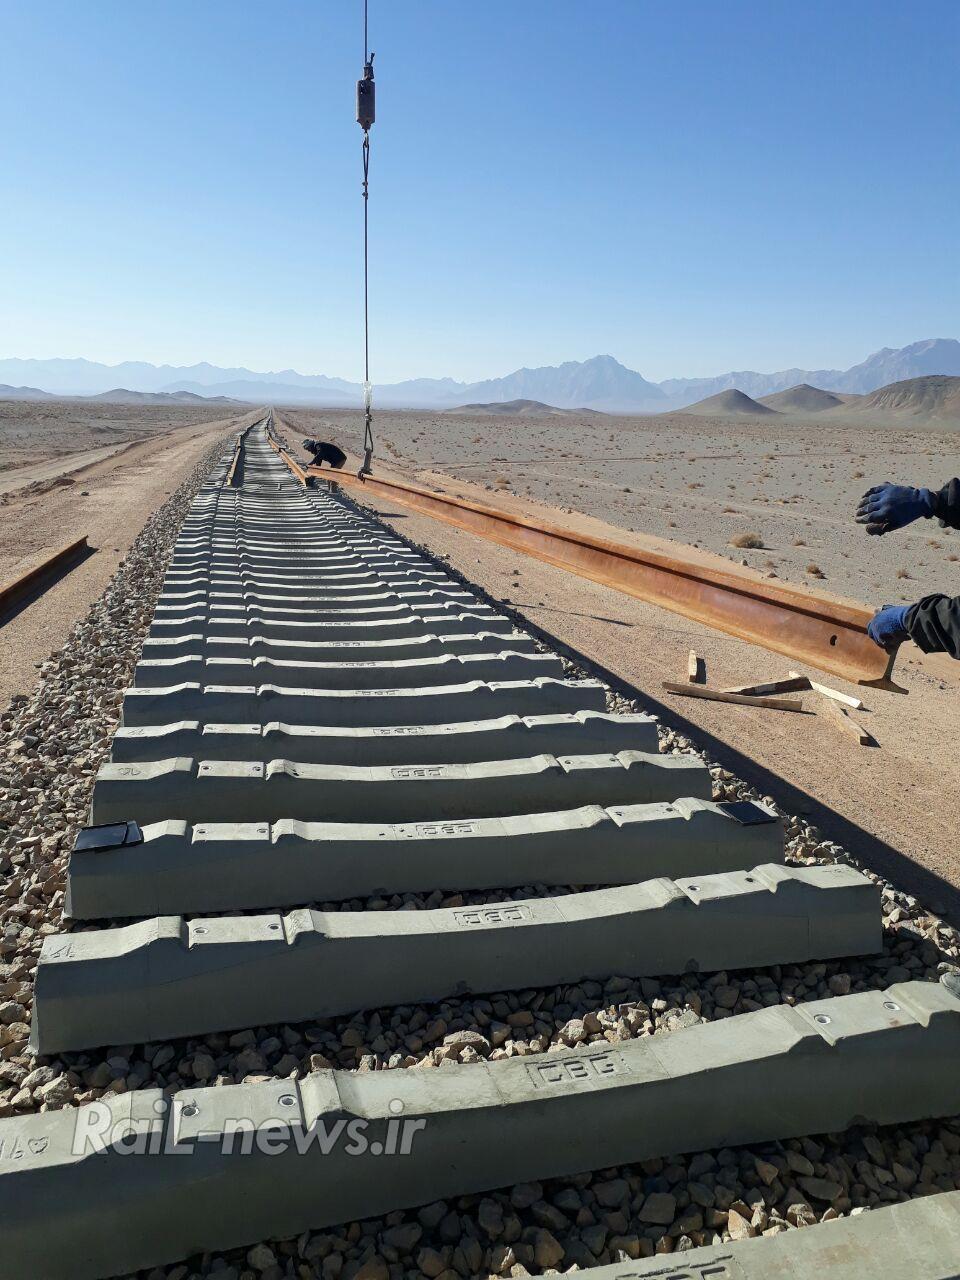 احتمال همکاری هندیها در ساخت راهآهن چابهار-زاهدان